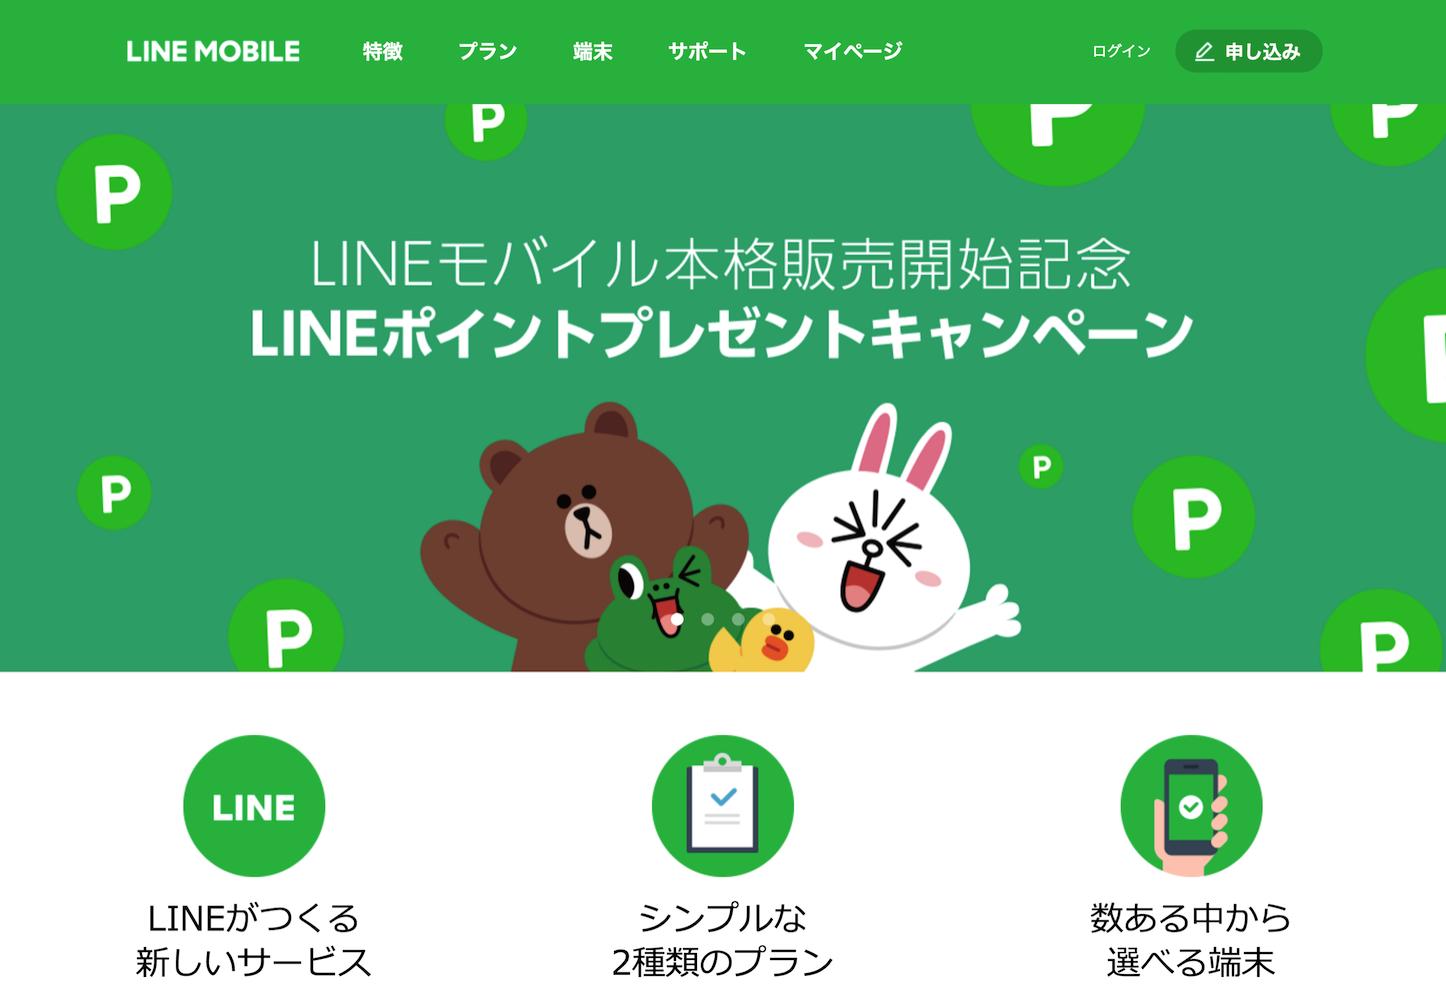 LINE MOBILE Sale Start